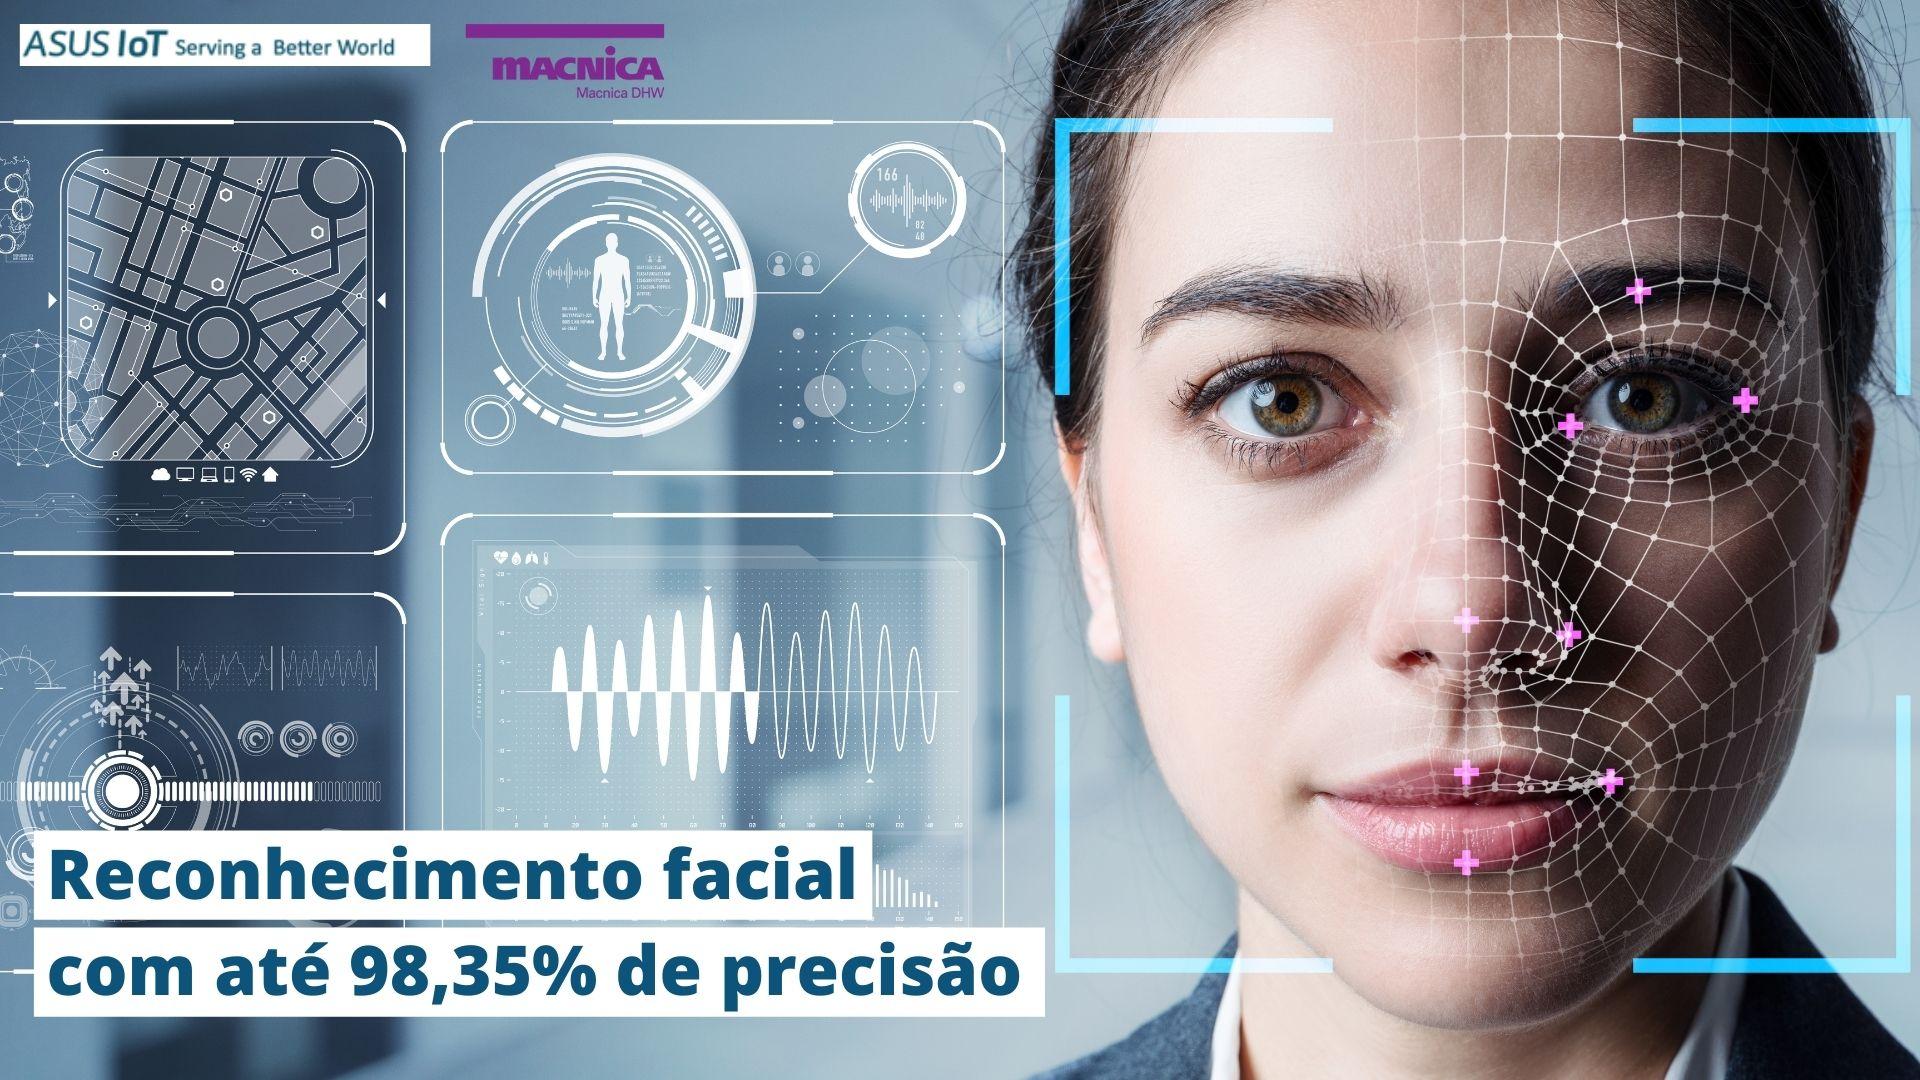 Reconhecimento facial com até 98,35% de precisão